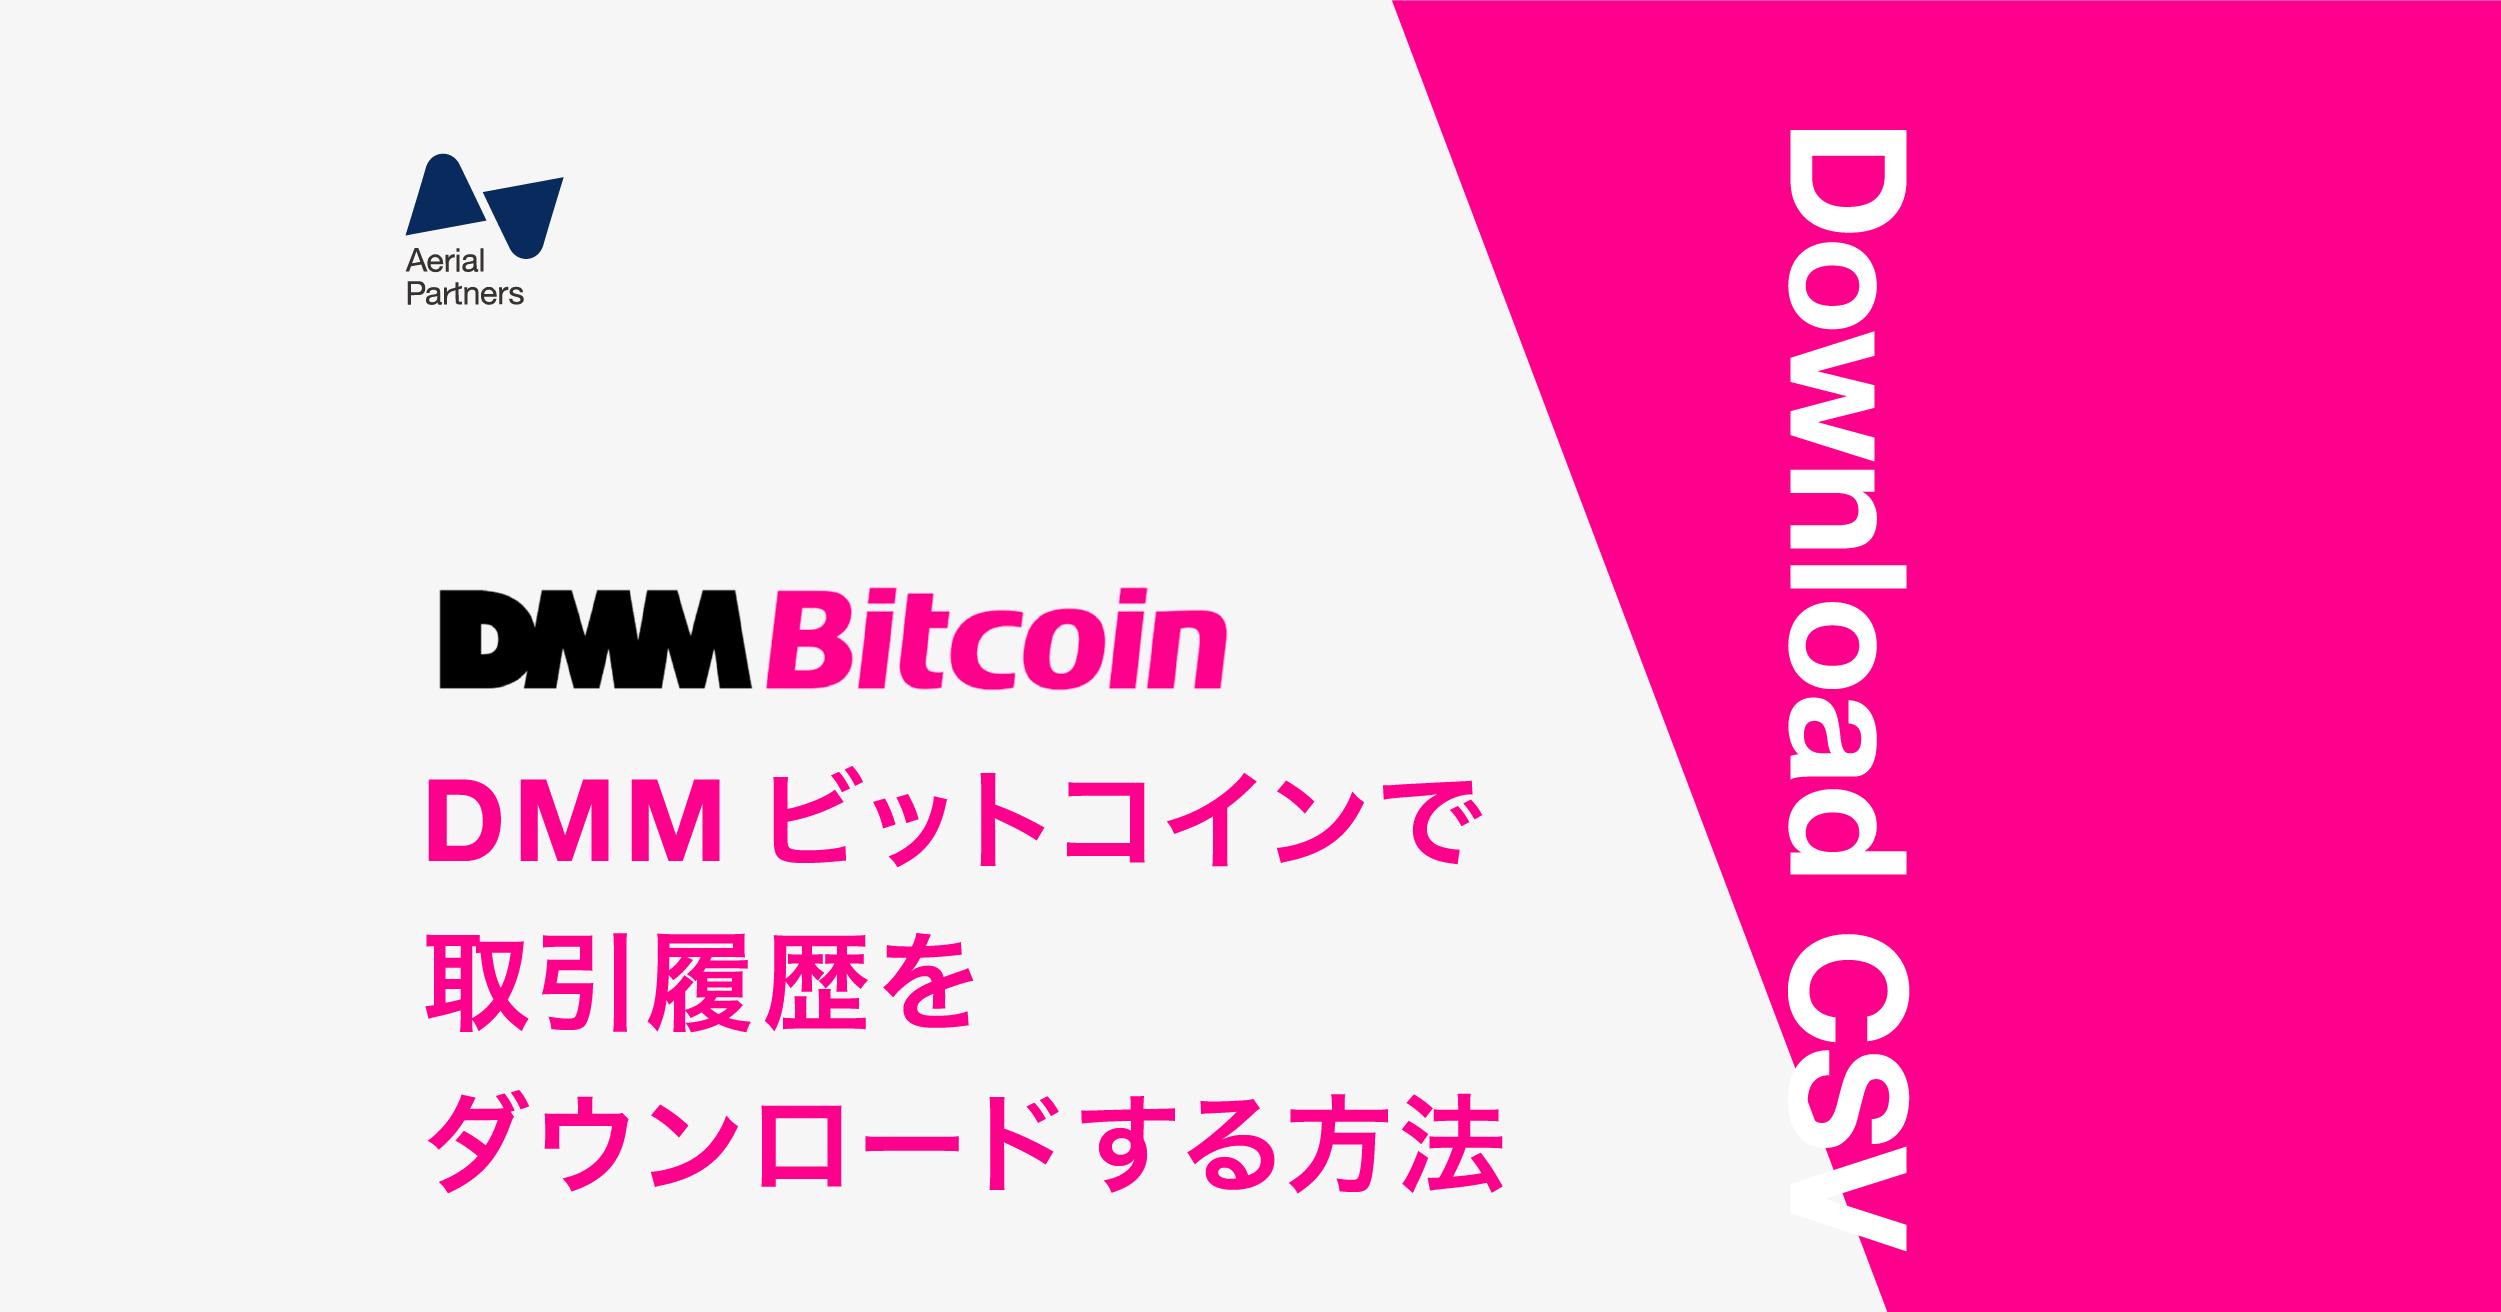 DMMビットコインの取引履歴の取得方法